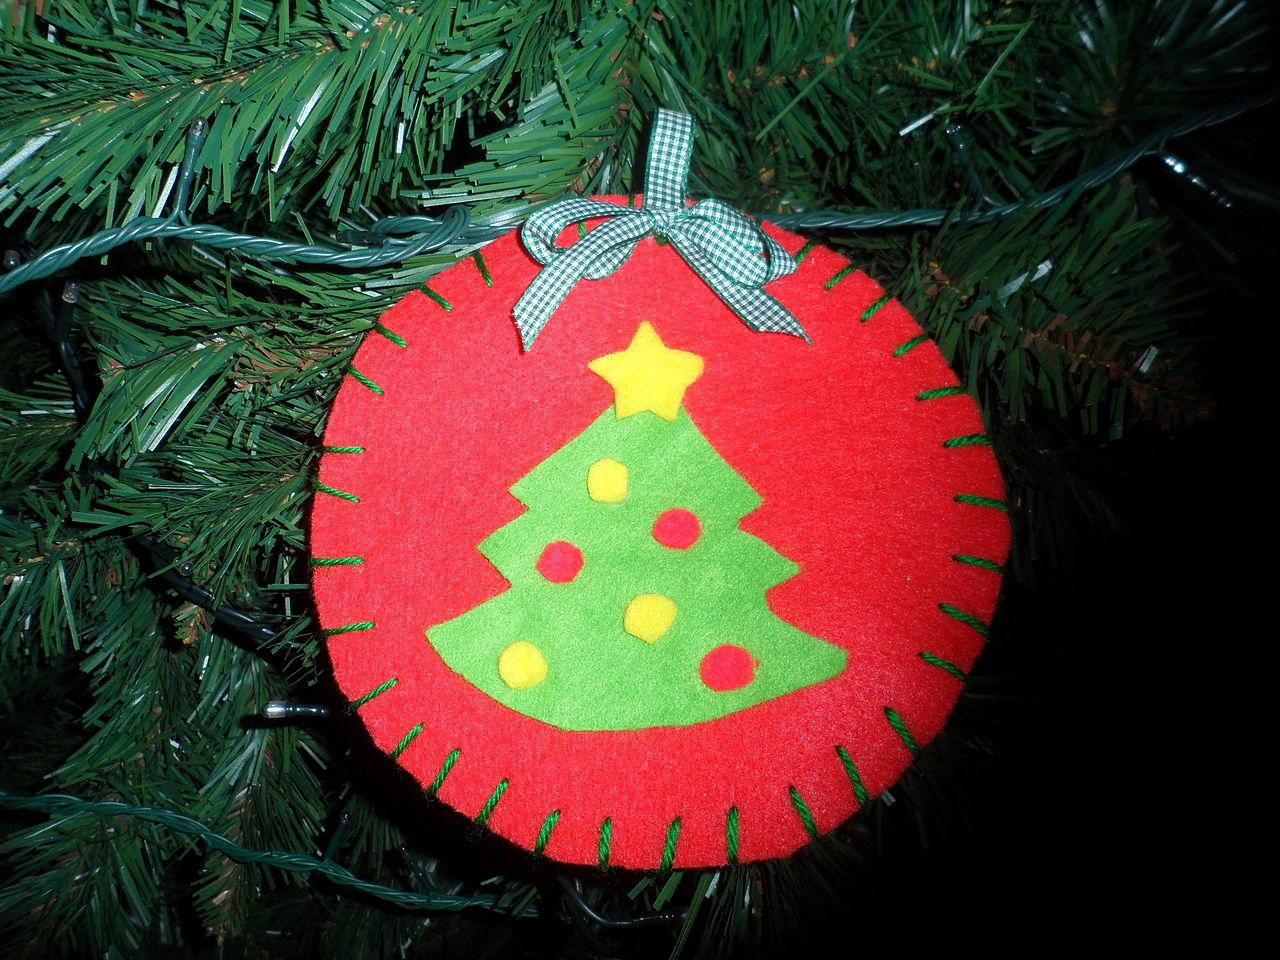 Albero Di Natale Wikipedia.File Decorazione Albero Di Natale Jpg Wikimedia Commons